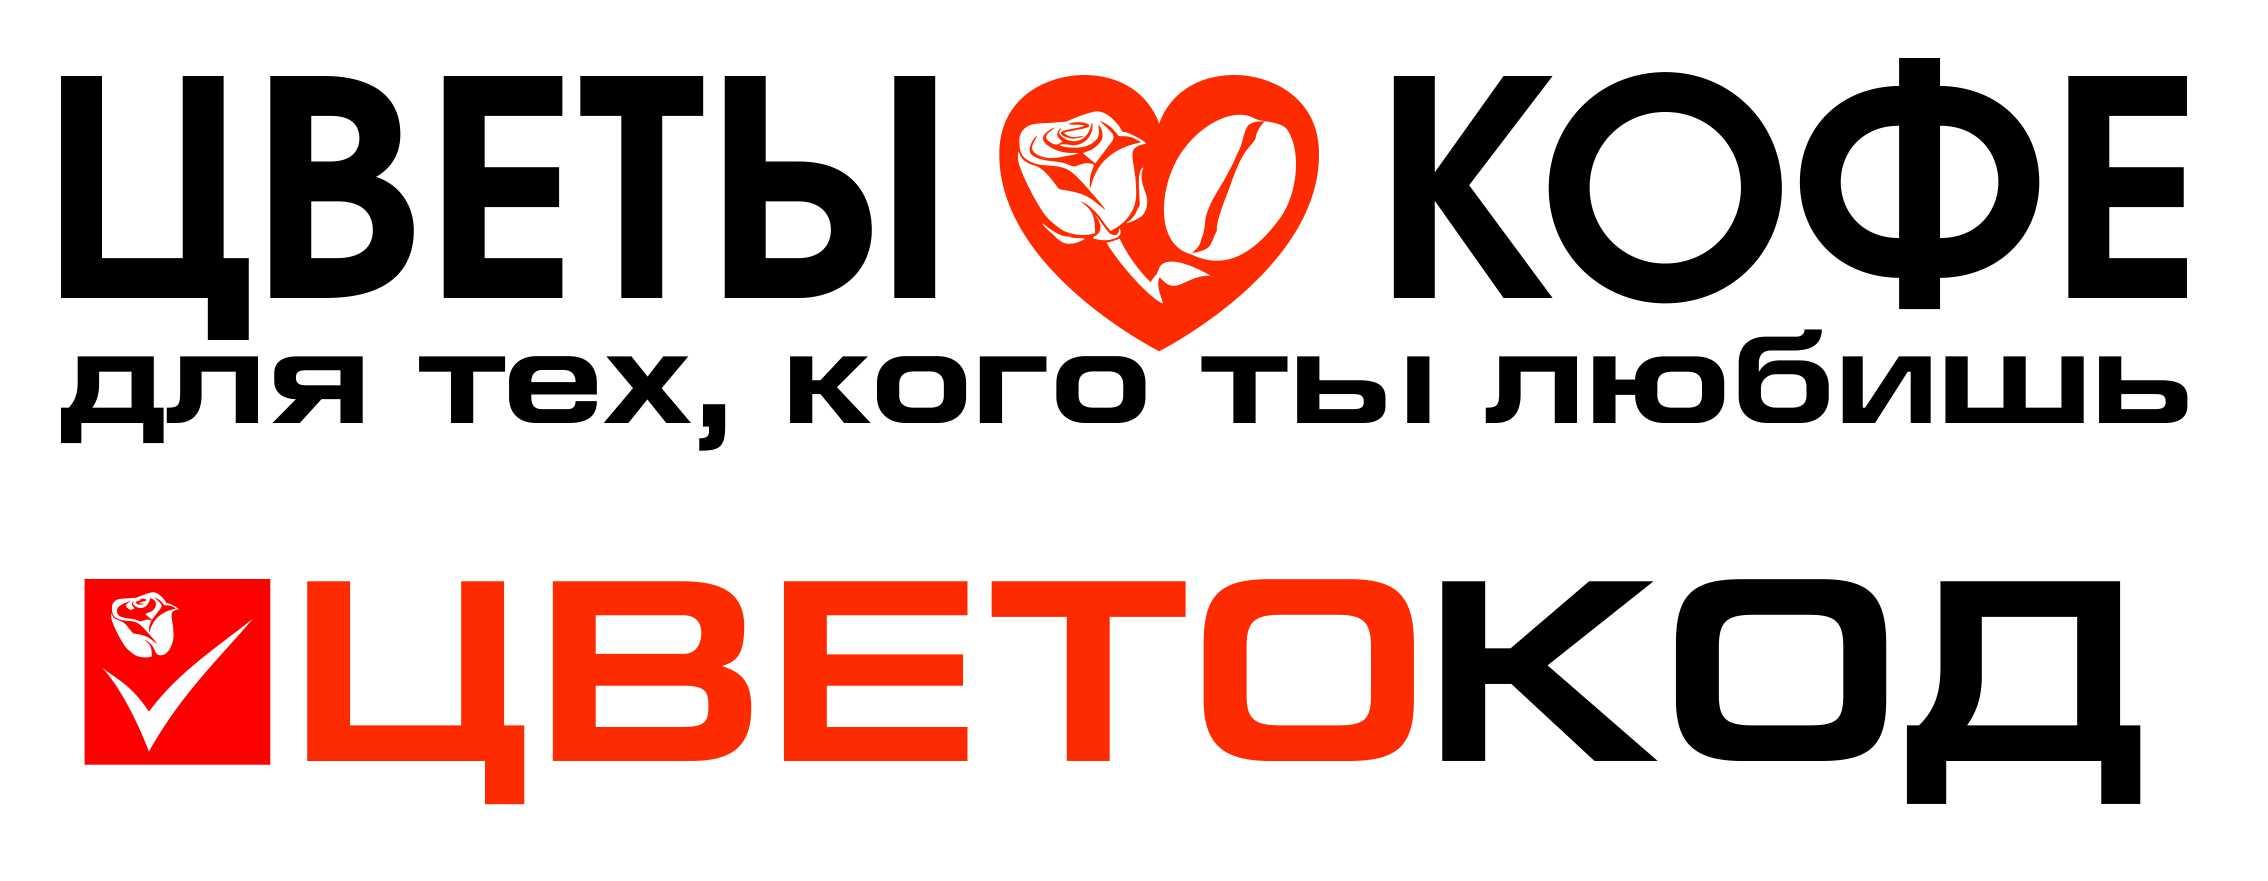 Логотип для ЦВЕТОКОД  фото f_6665d02d4068450b.jpg